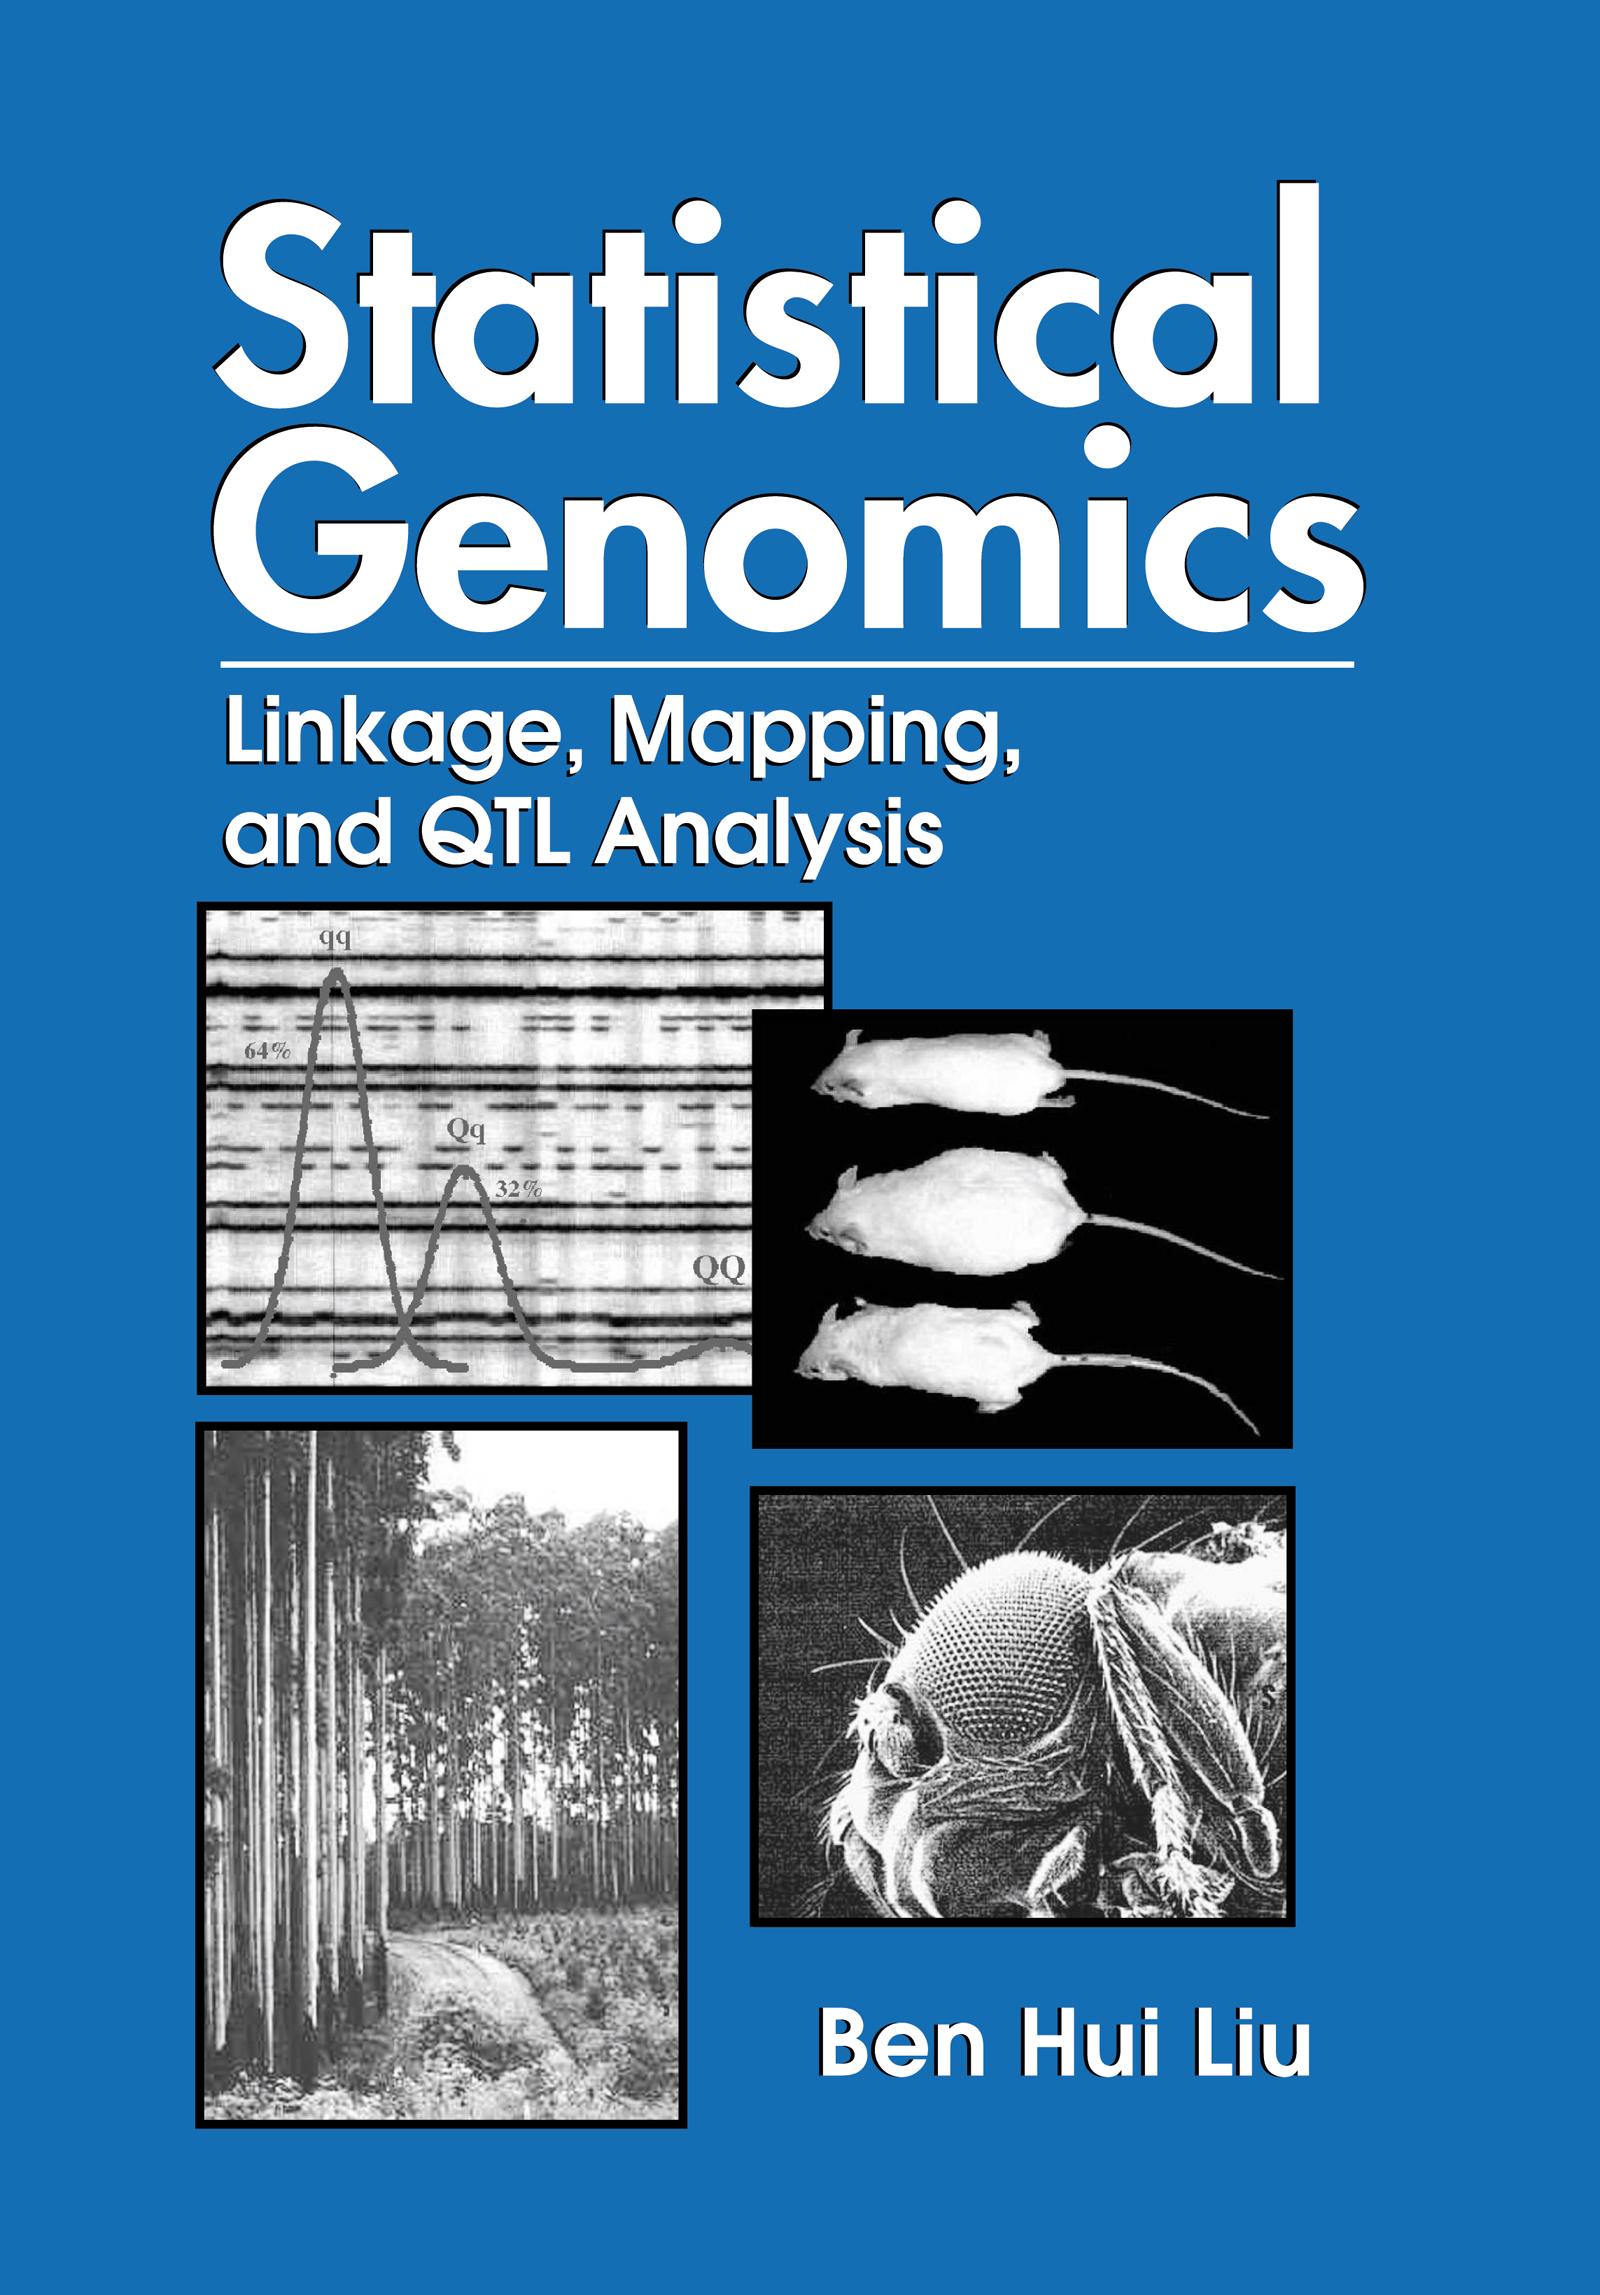 Statistical Genomics